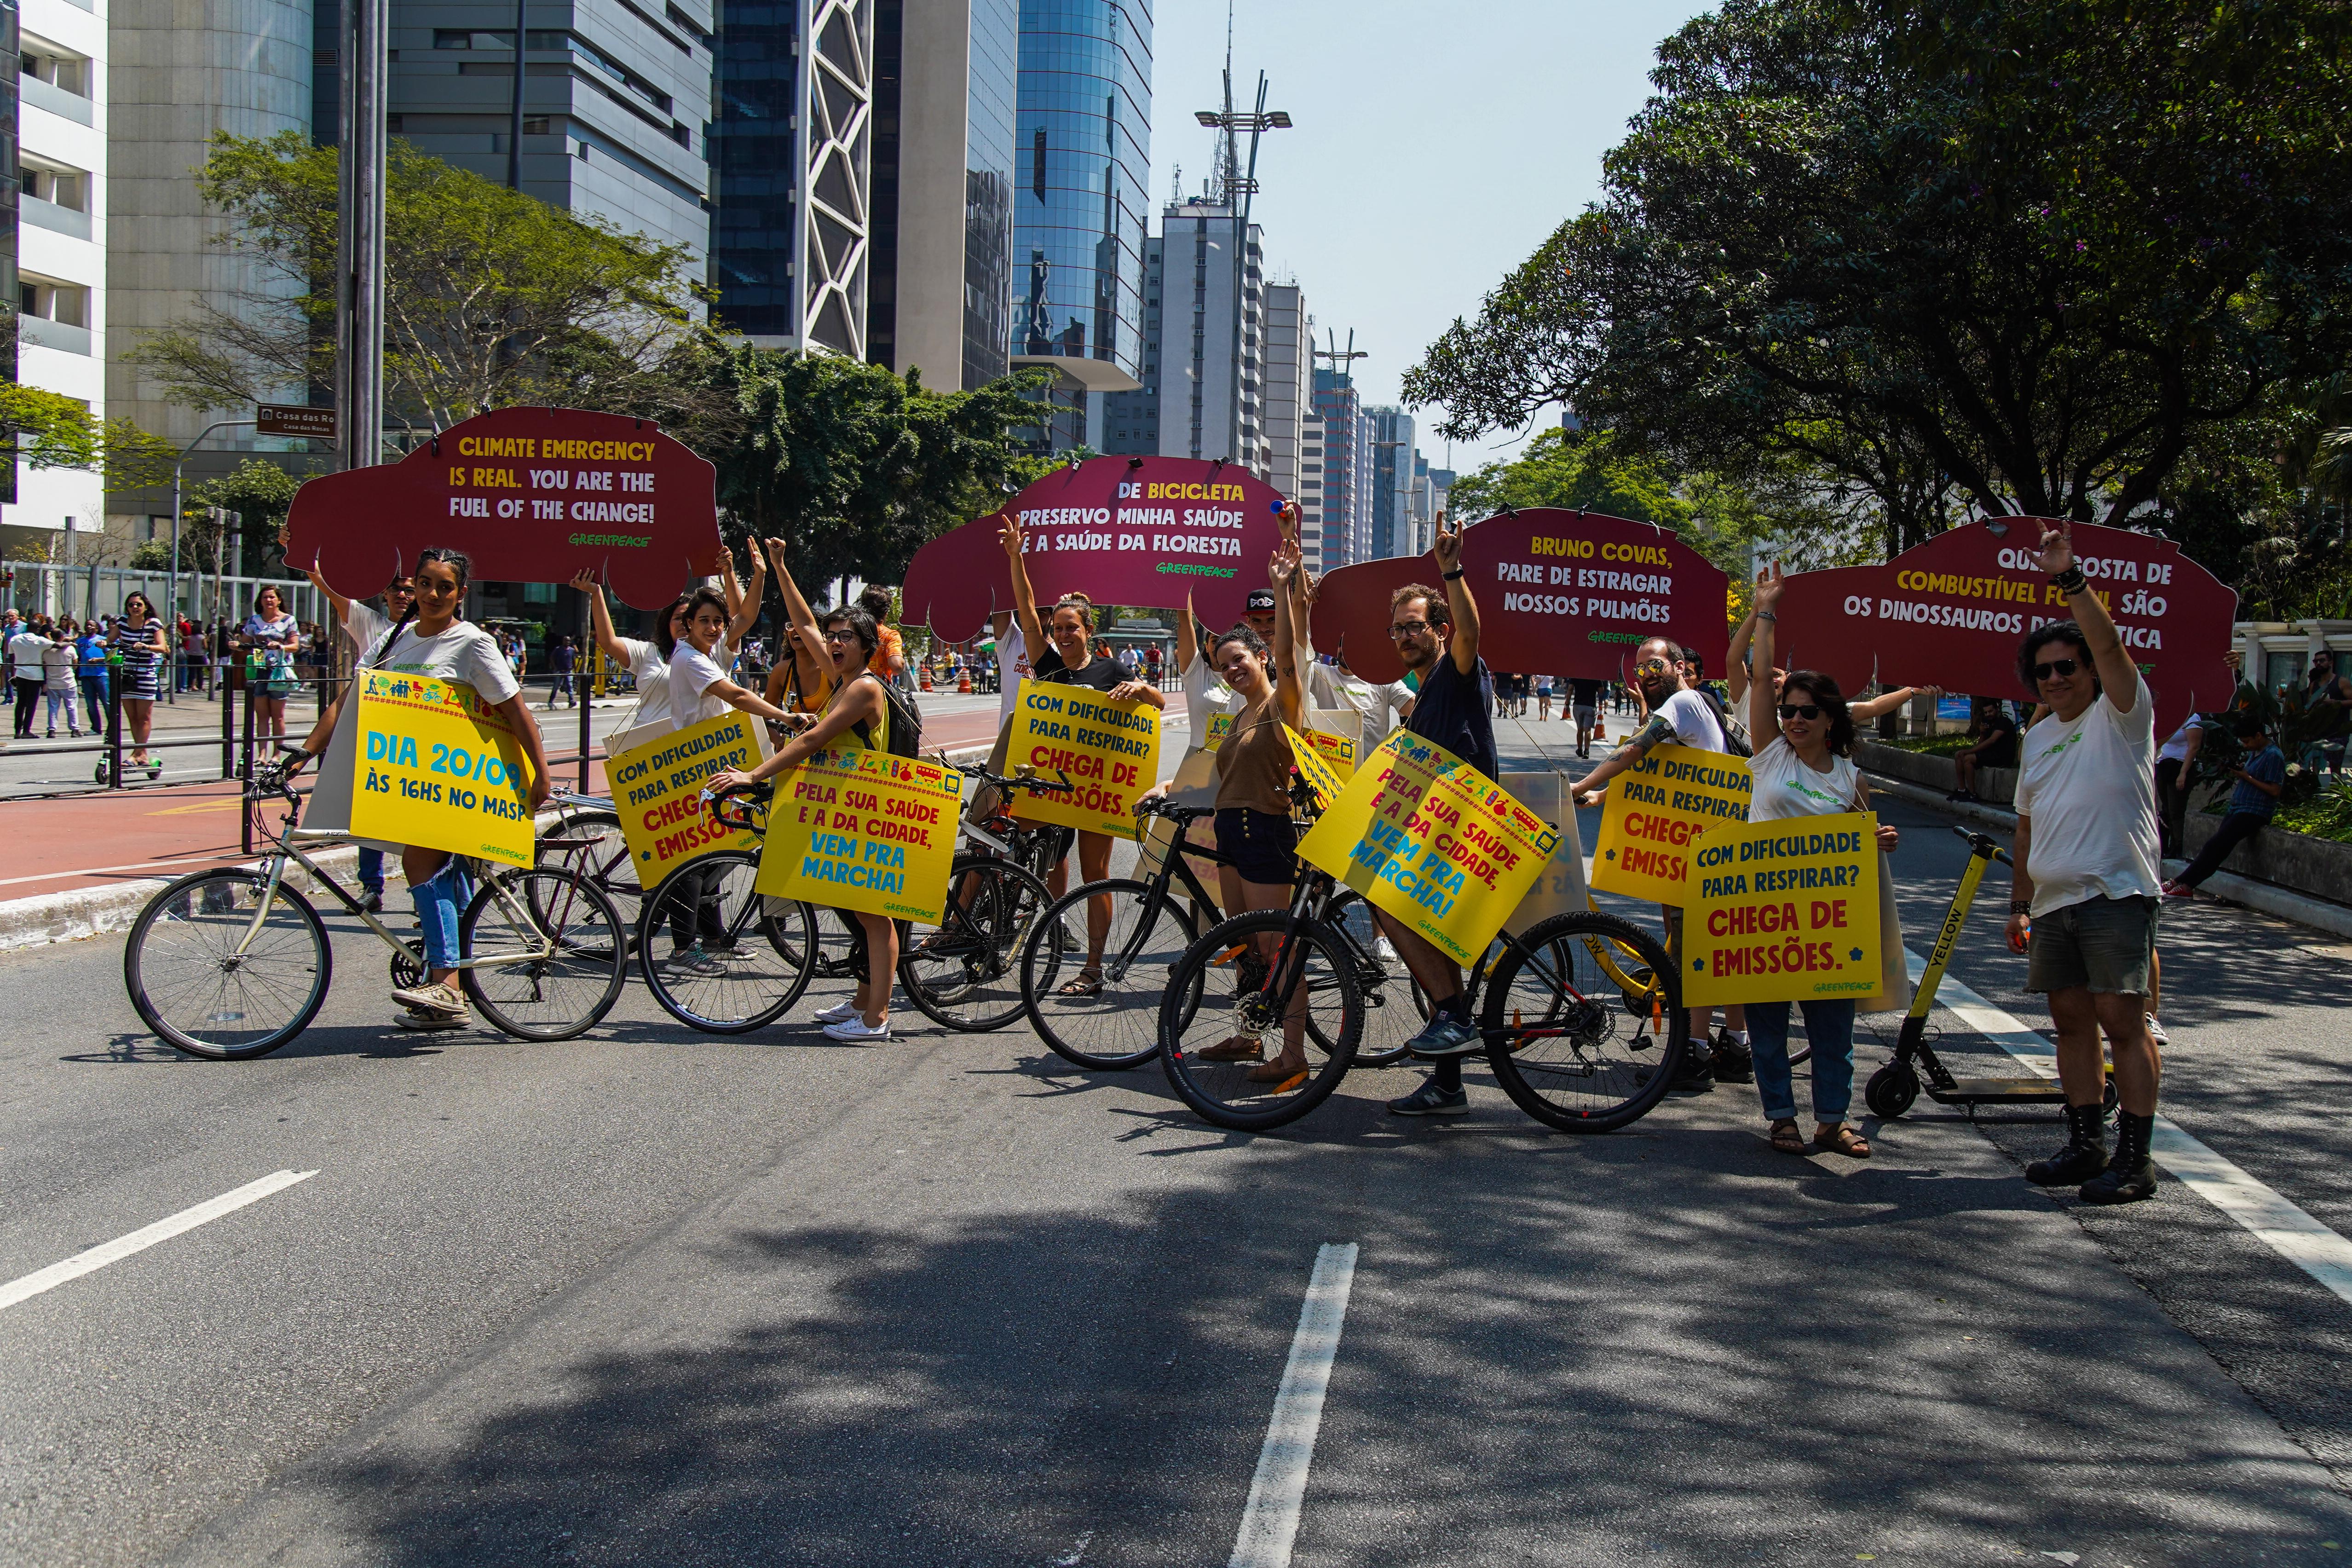 """Ativistas do Greenpeace levantam placas com os dizeres """"De bicicleta preservo minha saúde e a saúde da floresta"""", """"Bruno Covas, pare de estragar nossos pulmões"""", Quem gosta de combustível fóssil são os dinossauros da política"""", com Avenida Paulista em perspectiva, dia de sol"""